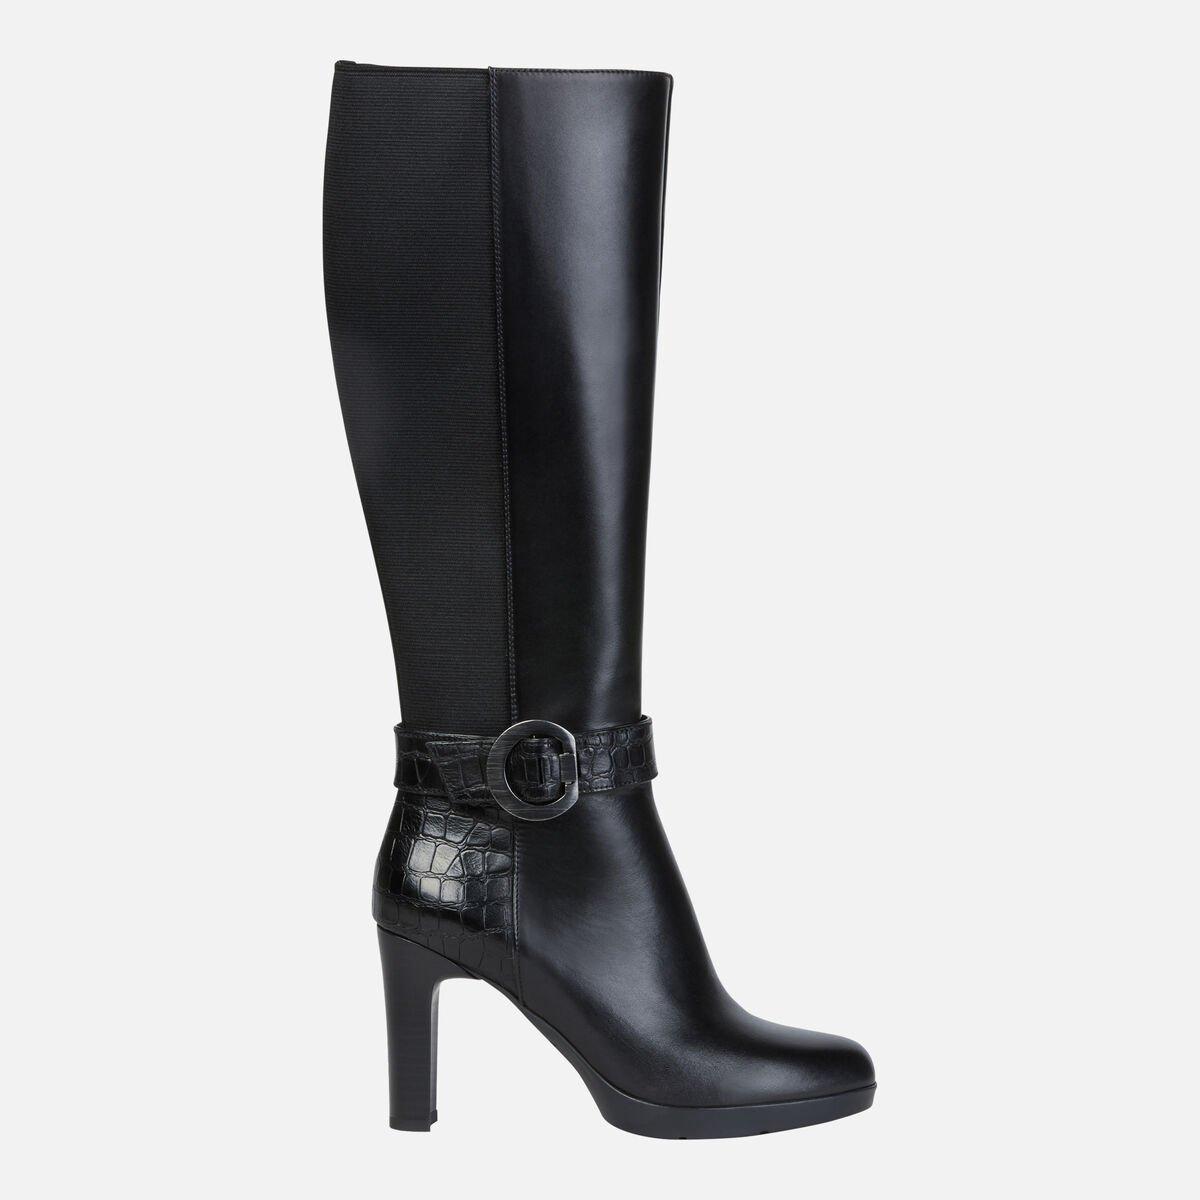 Stivali con tacco alto Geox modello Annya prezzo 195 euro catalogo inverno 2019 2020